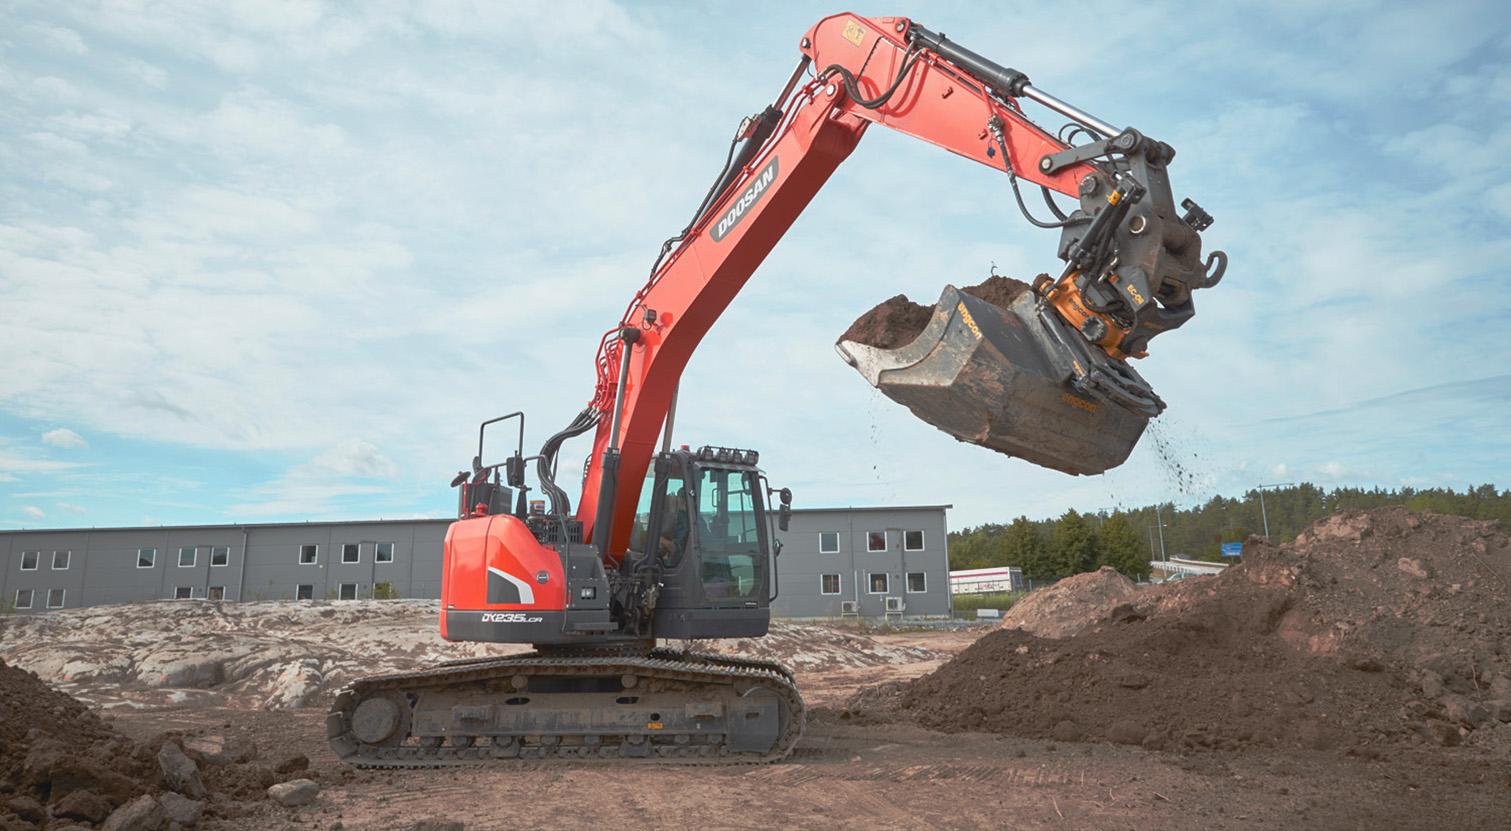 Vi hyr ut grävmaskin i Uppsala